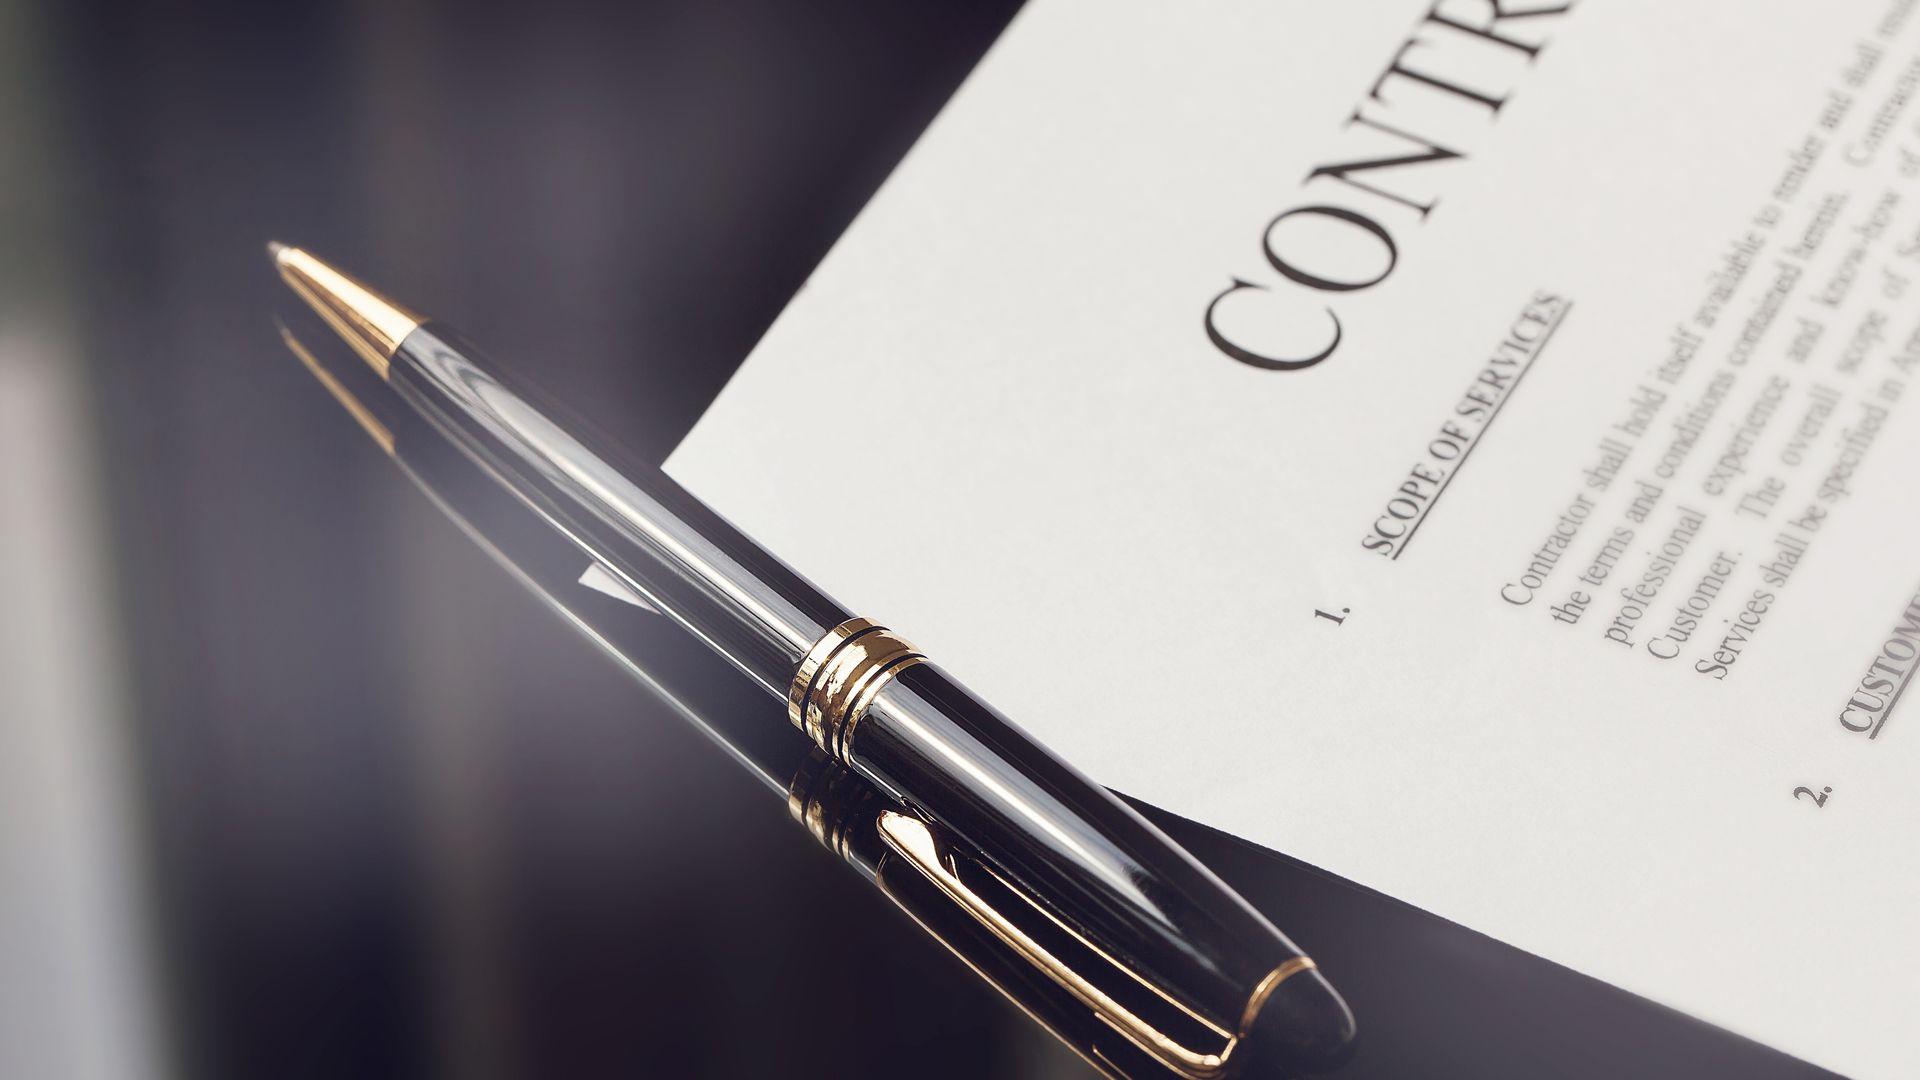 Contractenrecht Overeenkomstenrecht contract law